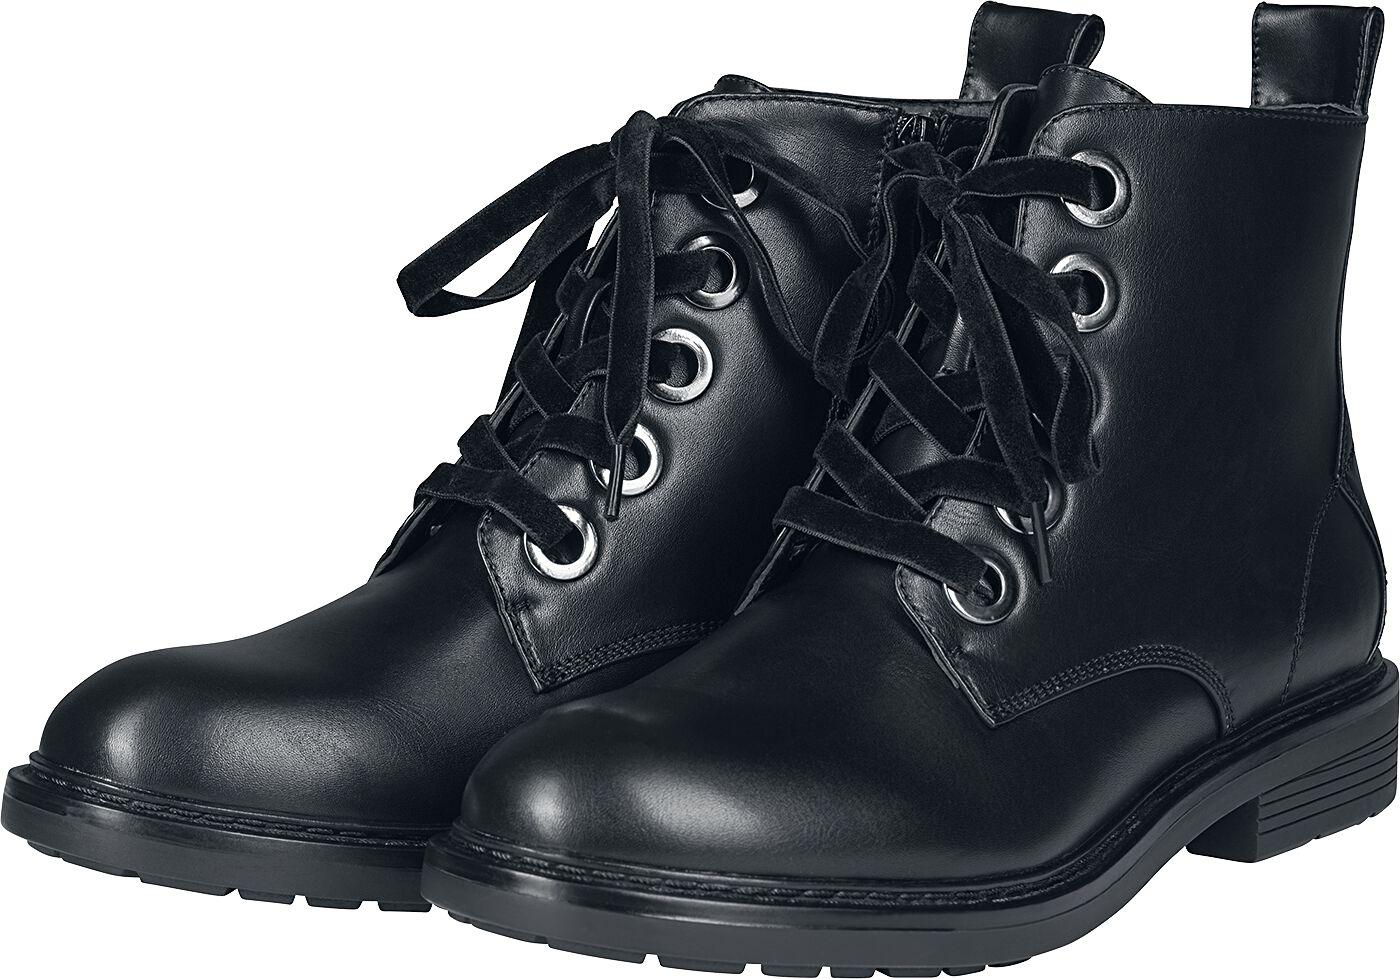 Stiefel für Frauen - Urban Classics Velvet Lace Boot Stiefel schwarz  - Onlineshop EMP